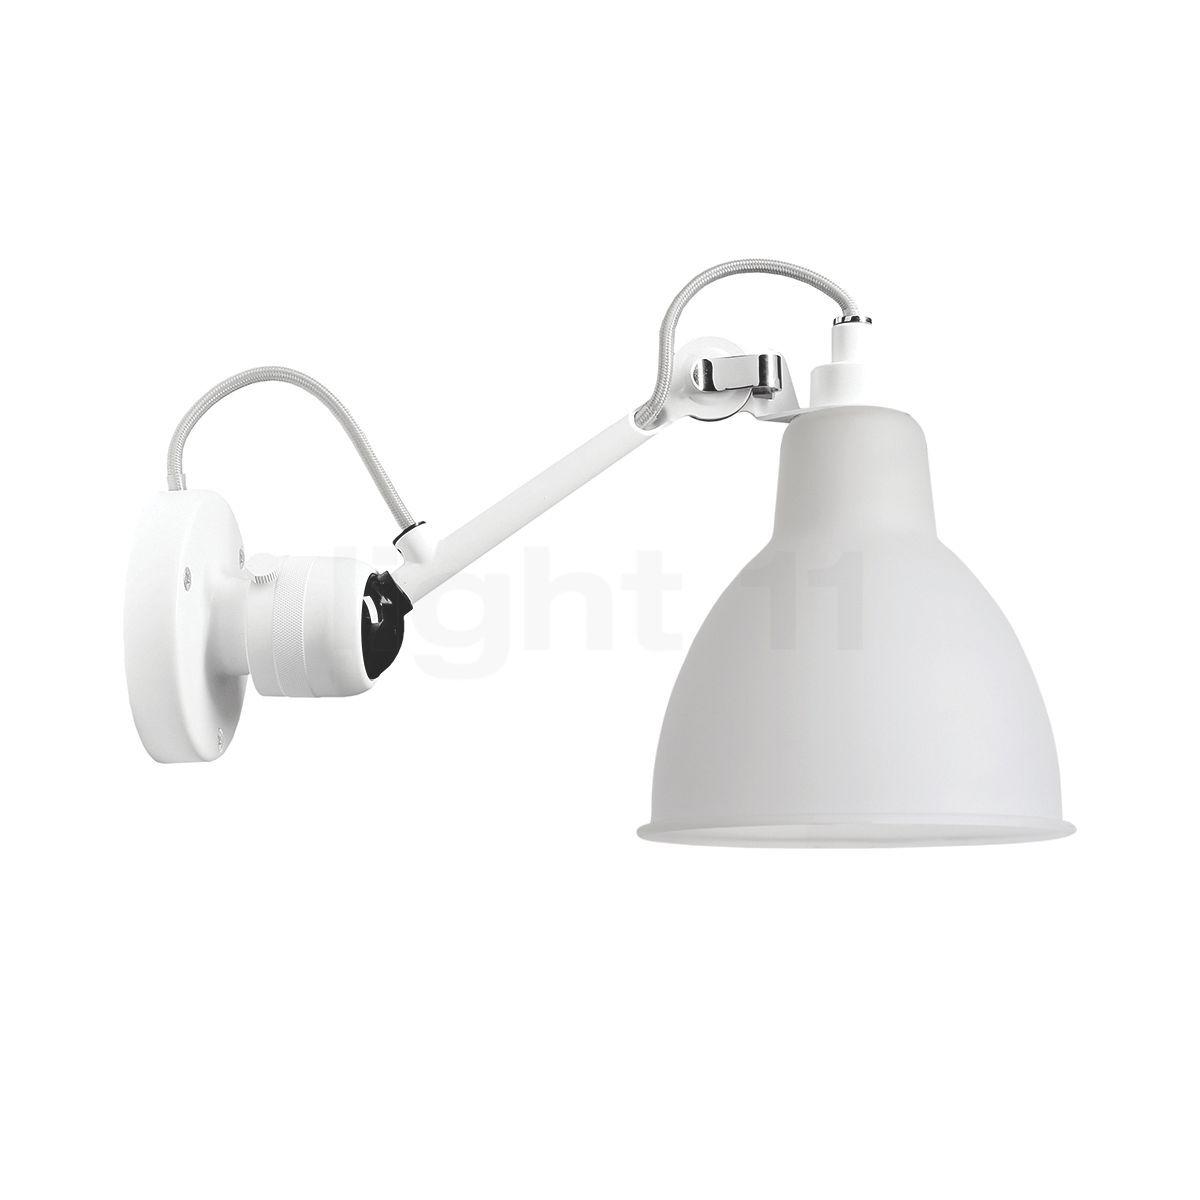 DCW Lampe Gras No 304 Applique blanche, opale , Vente d'entrepôt, neuf, emballage d'origine